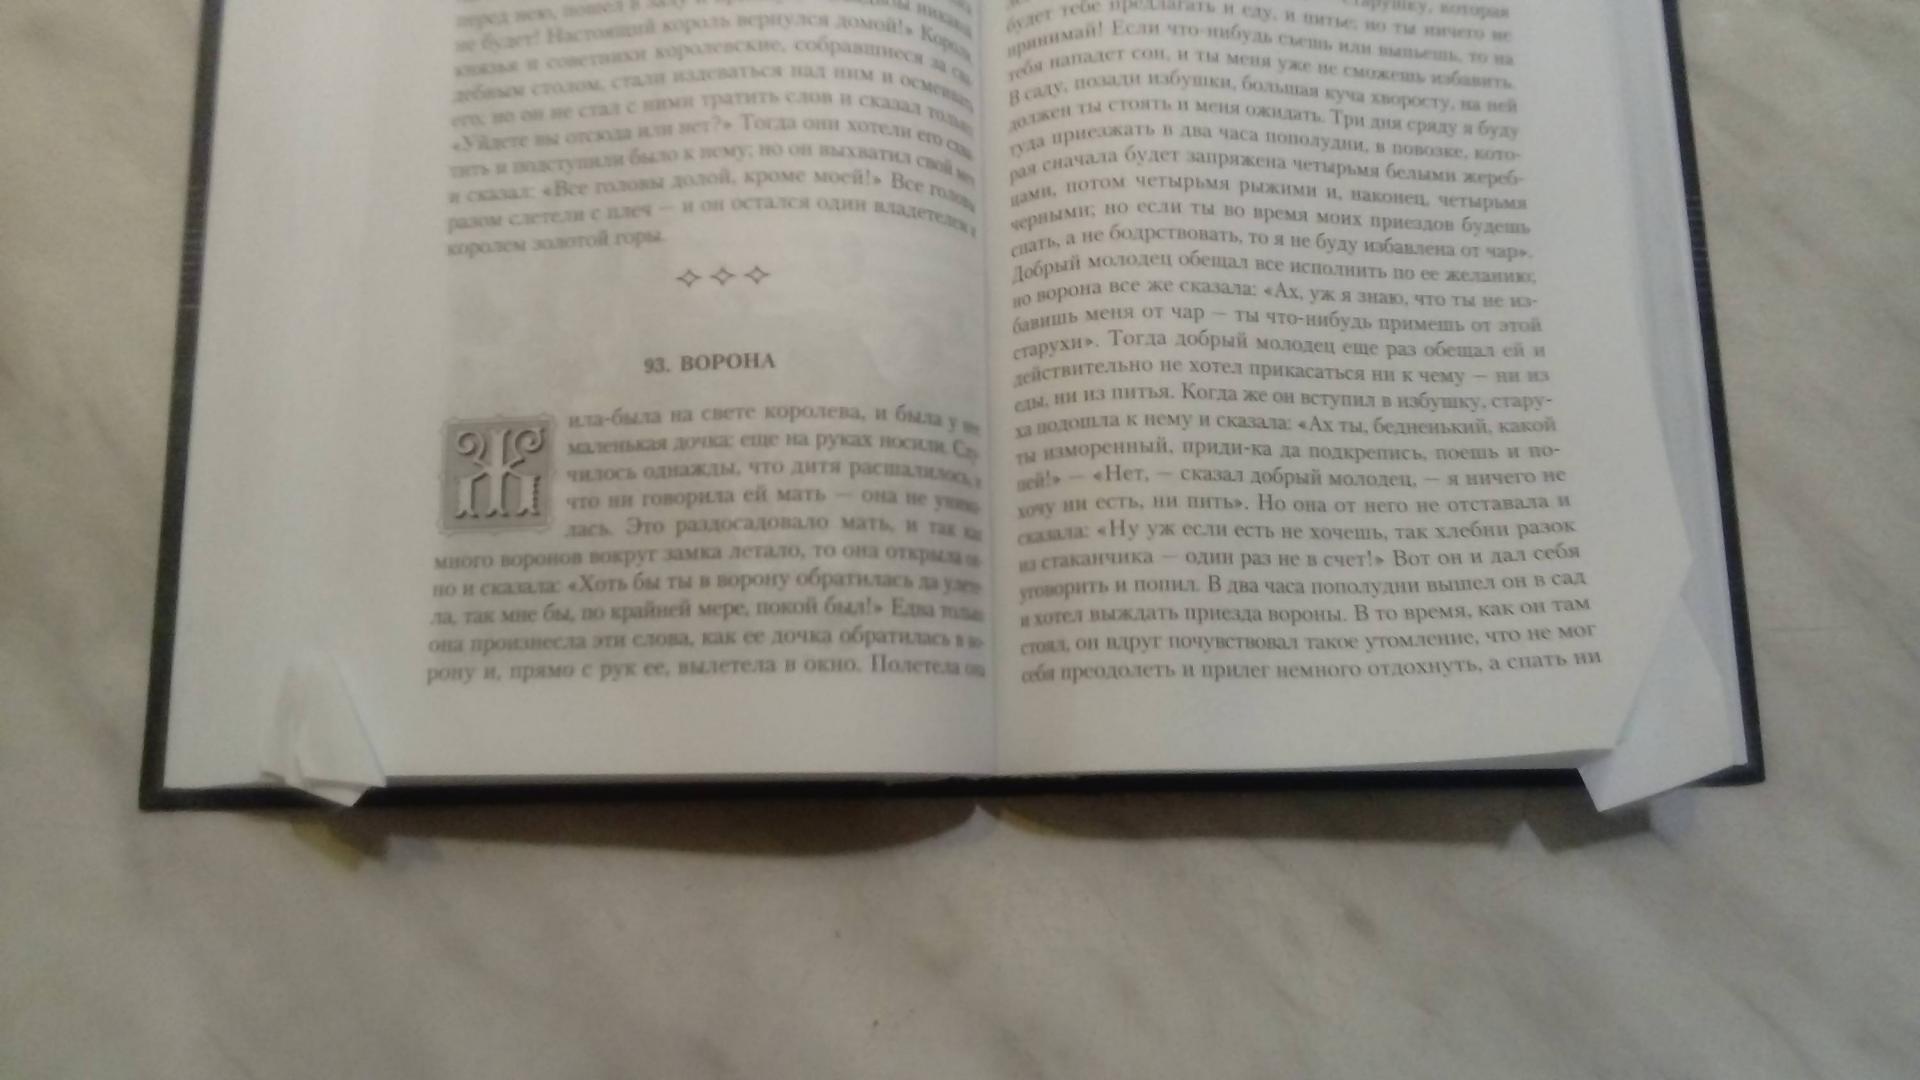 Иллюстрация 22 из 42 для Полное собрание сказок и легенд в одном томе - Гримм Якоб и Вильгельм | Лабиринт - книги. Источник: Лабиринт